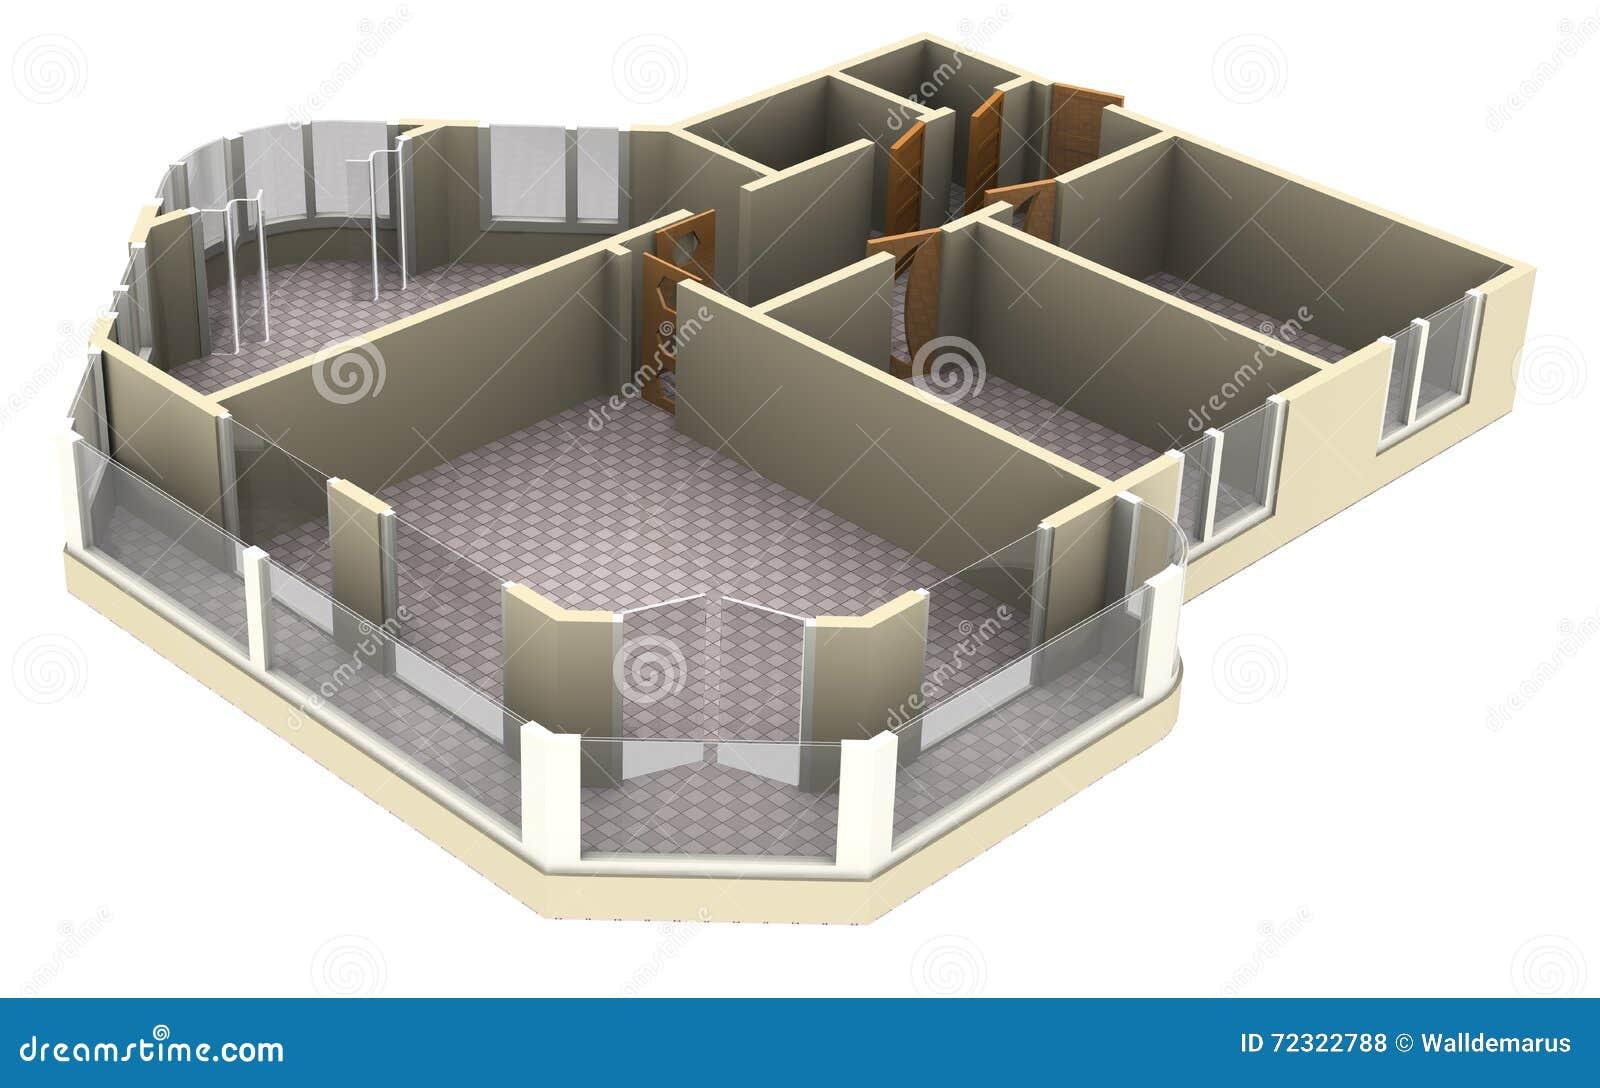 Wohnungsplan  Wohnungsplan Stock Abbildung - Bild: 72322788